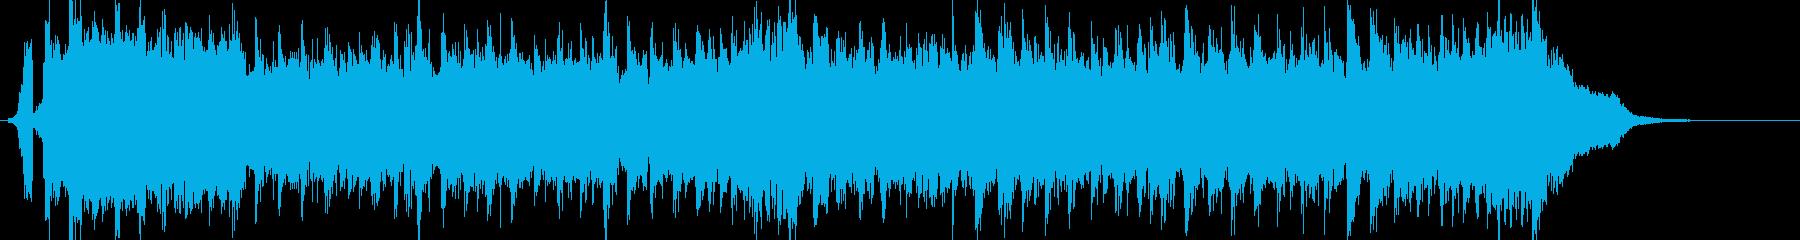 サッカーのゴールシーンの絶叫ユーロビートの再生済みの波形